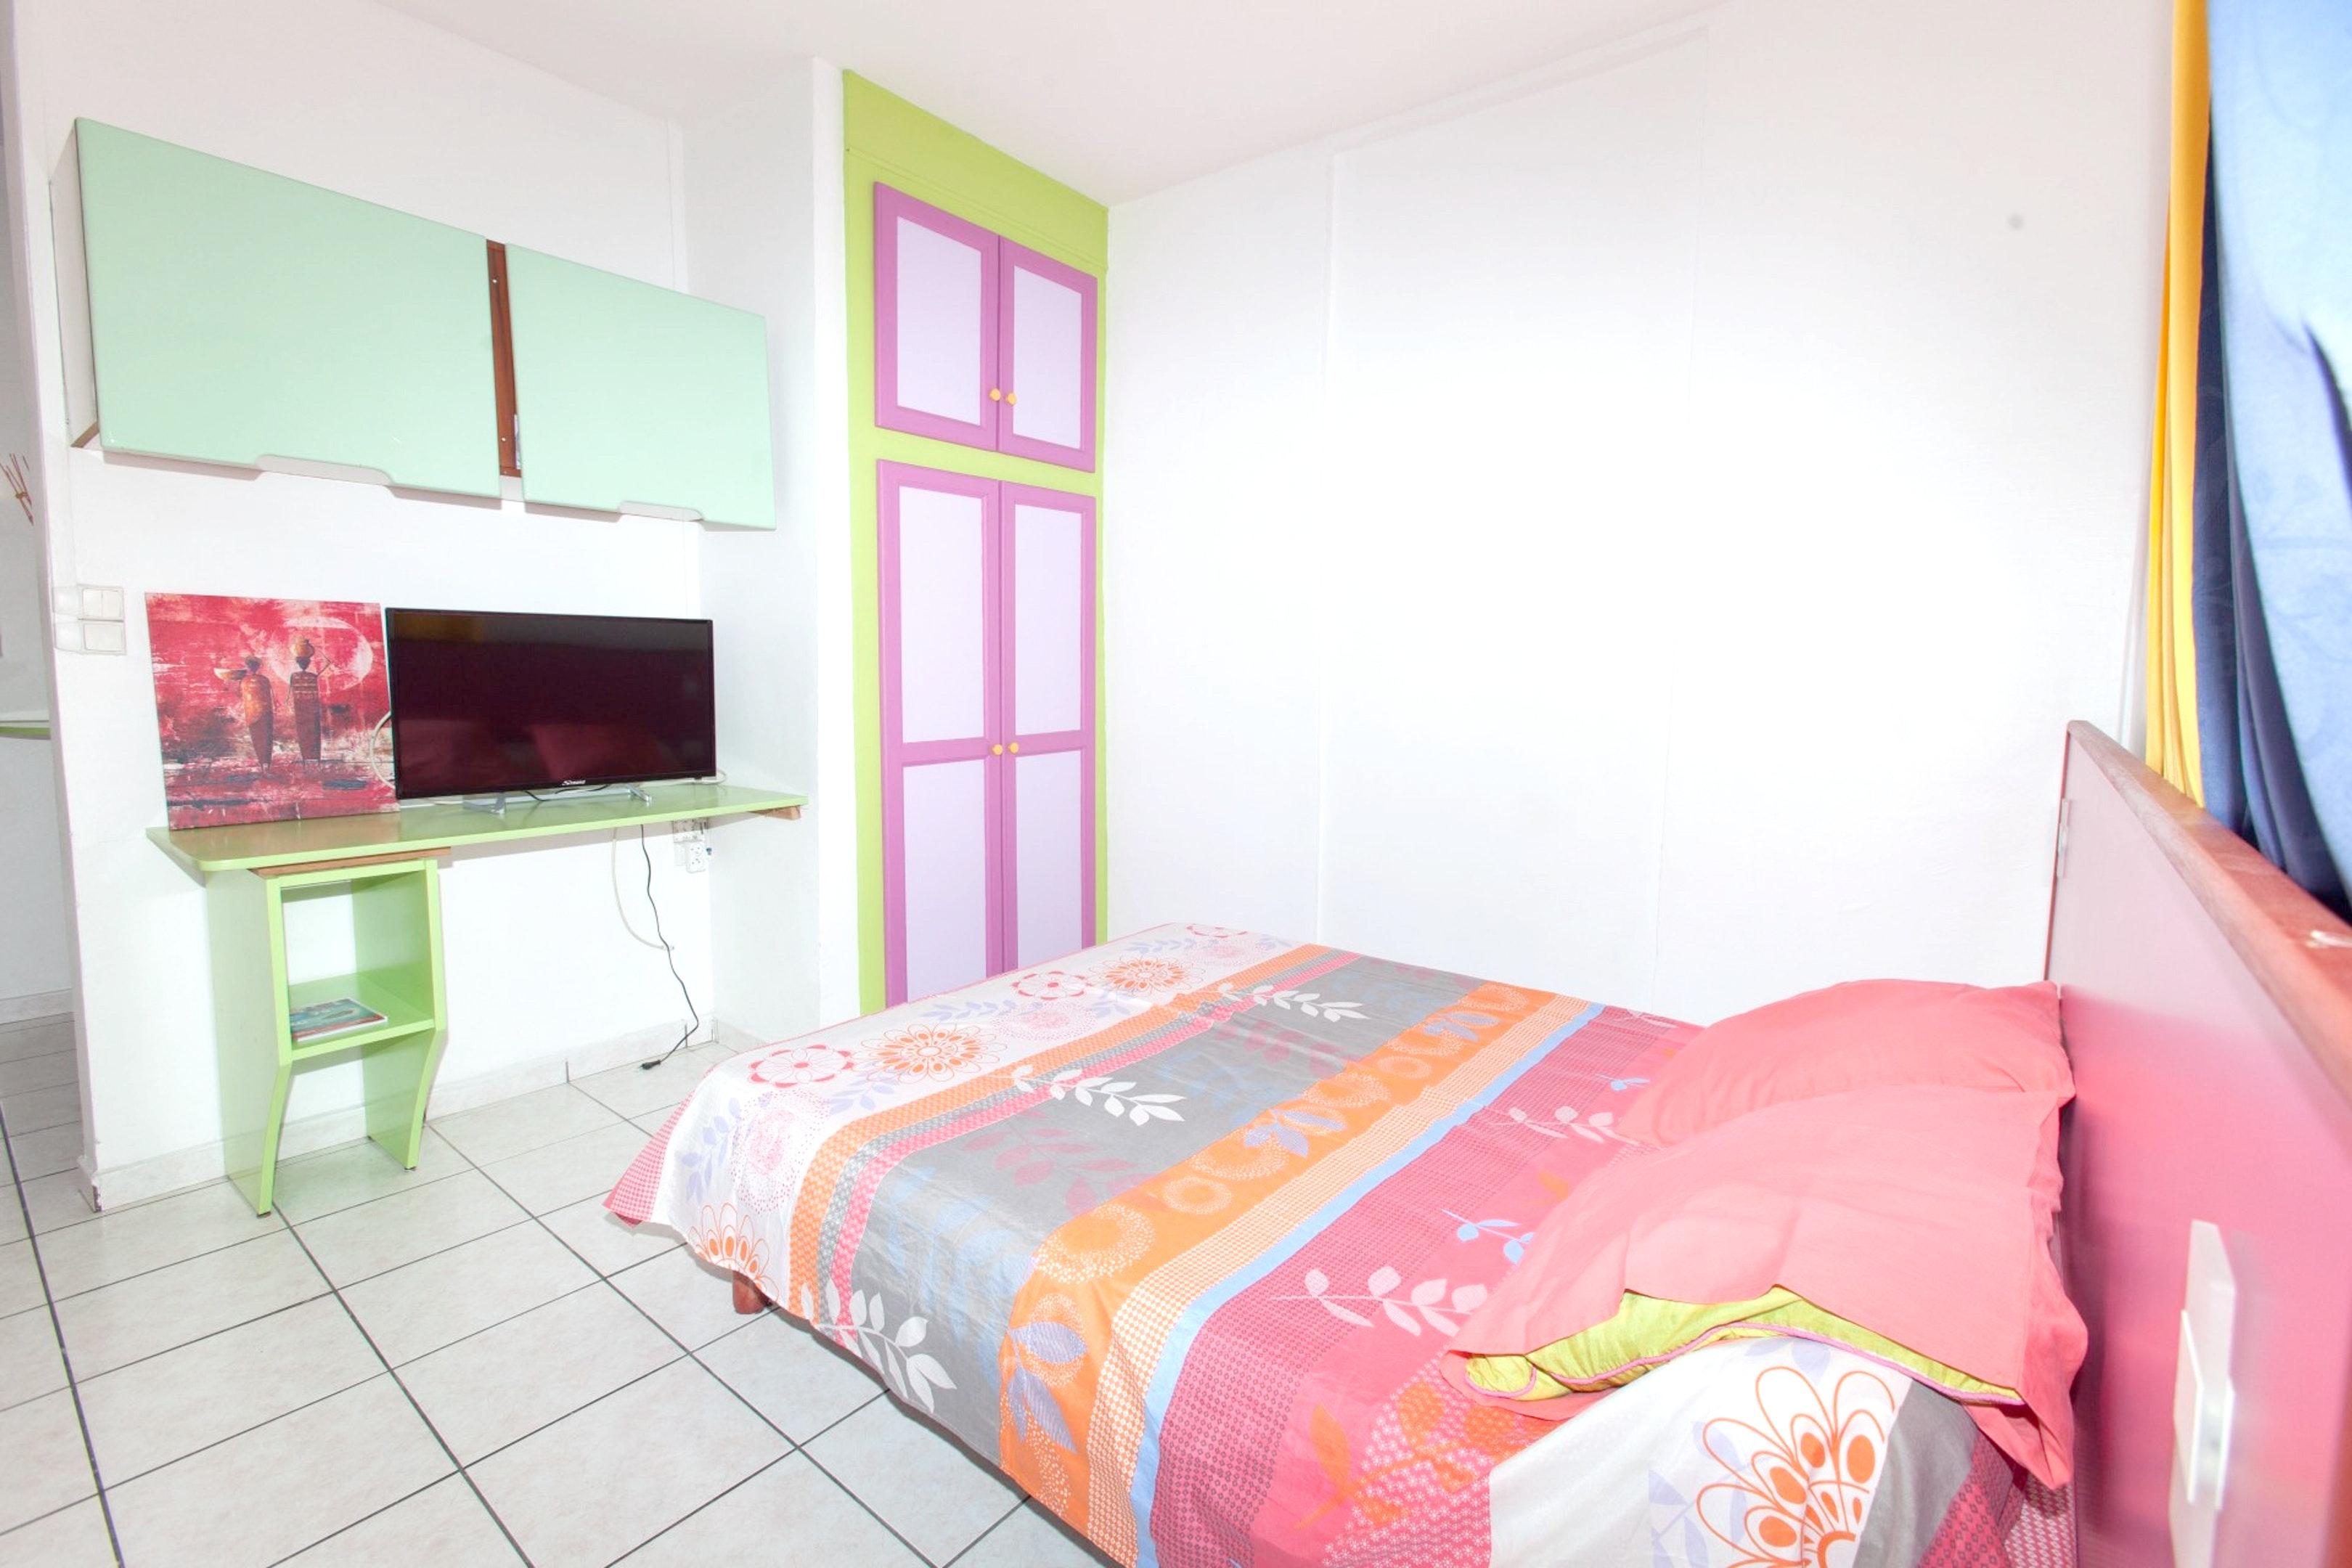 Haus mit einem Schlafzimmer in Le Gosier mit m&oum Ferienhaus in Guadeloupe